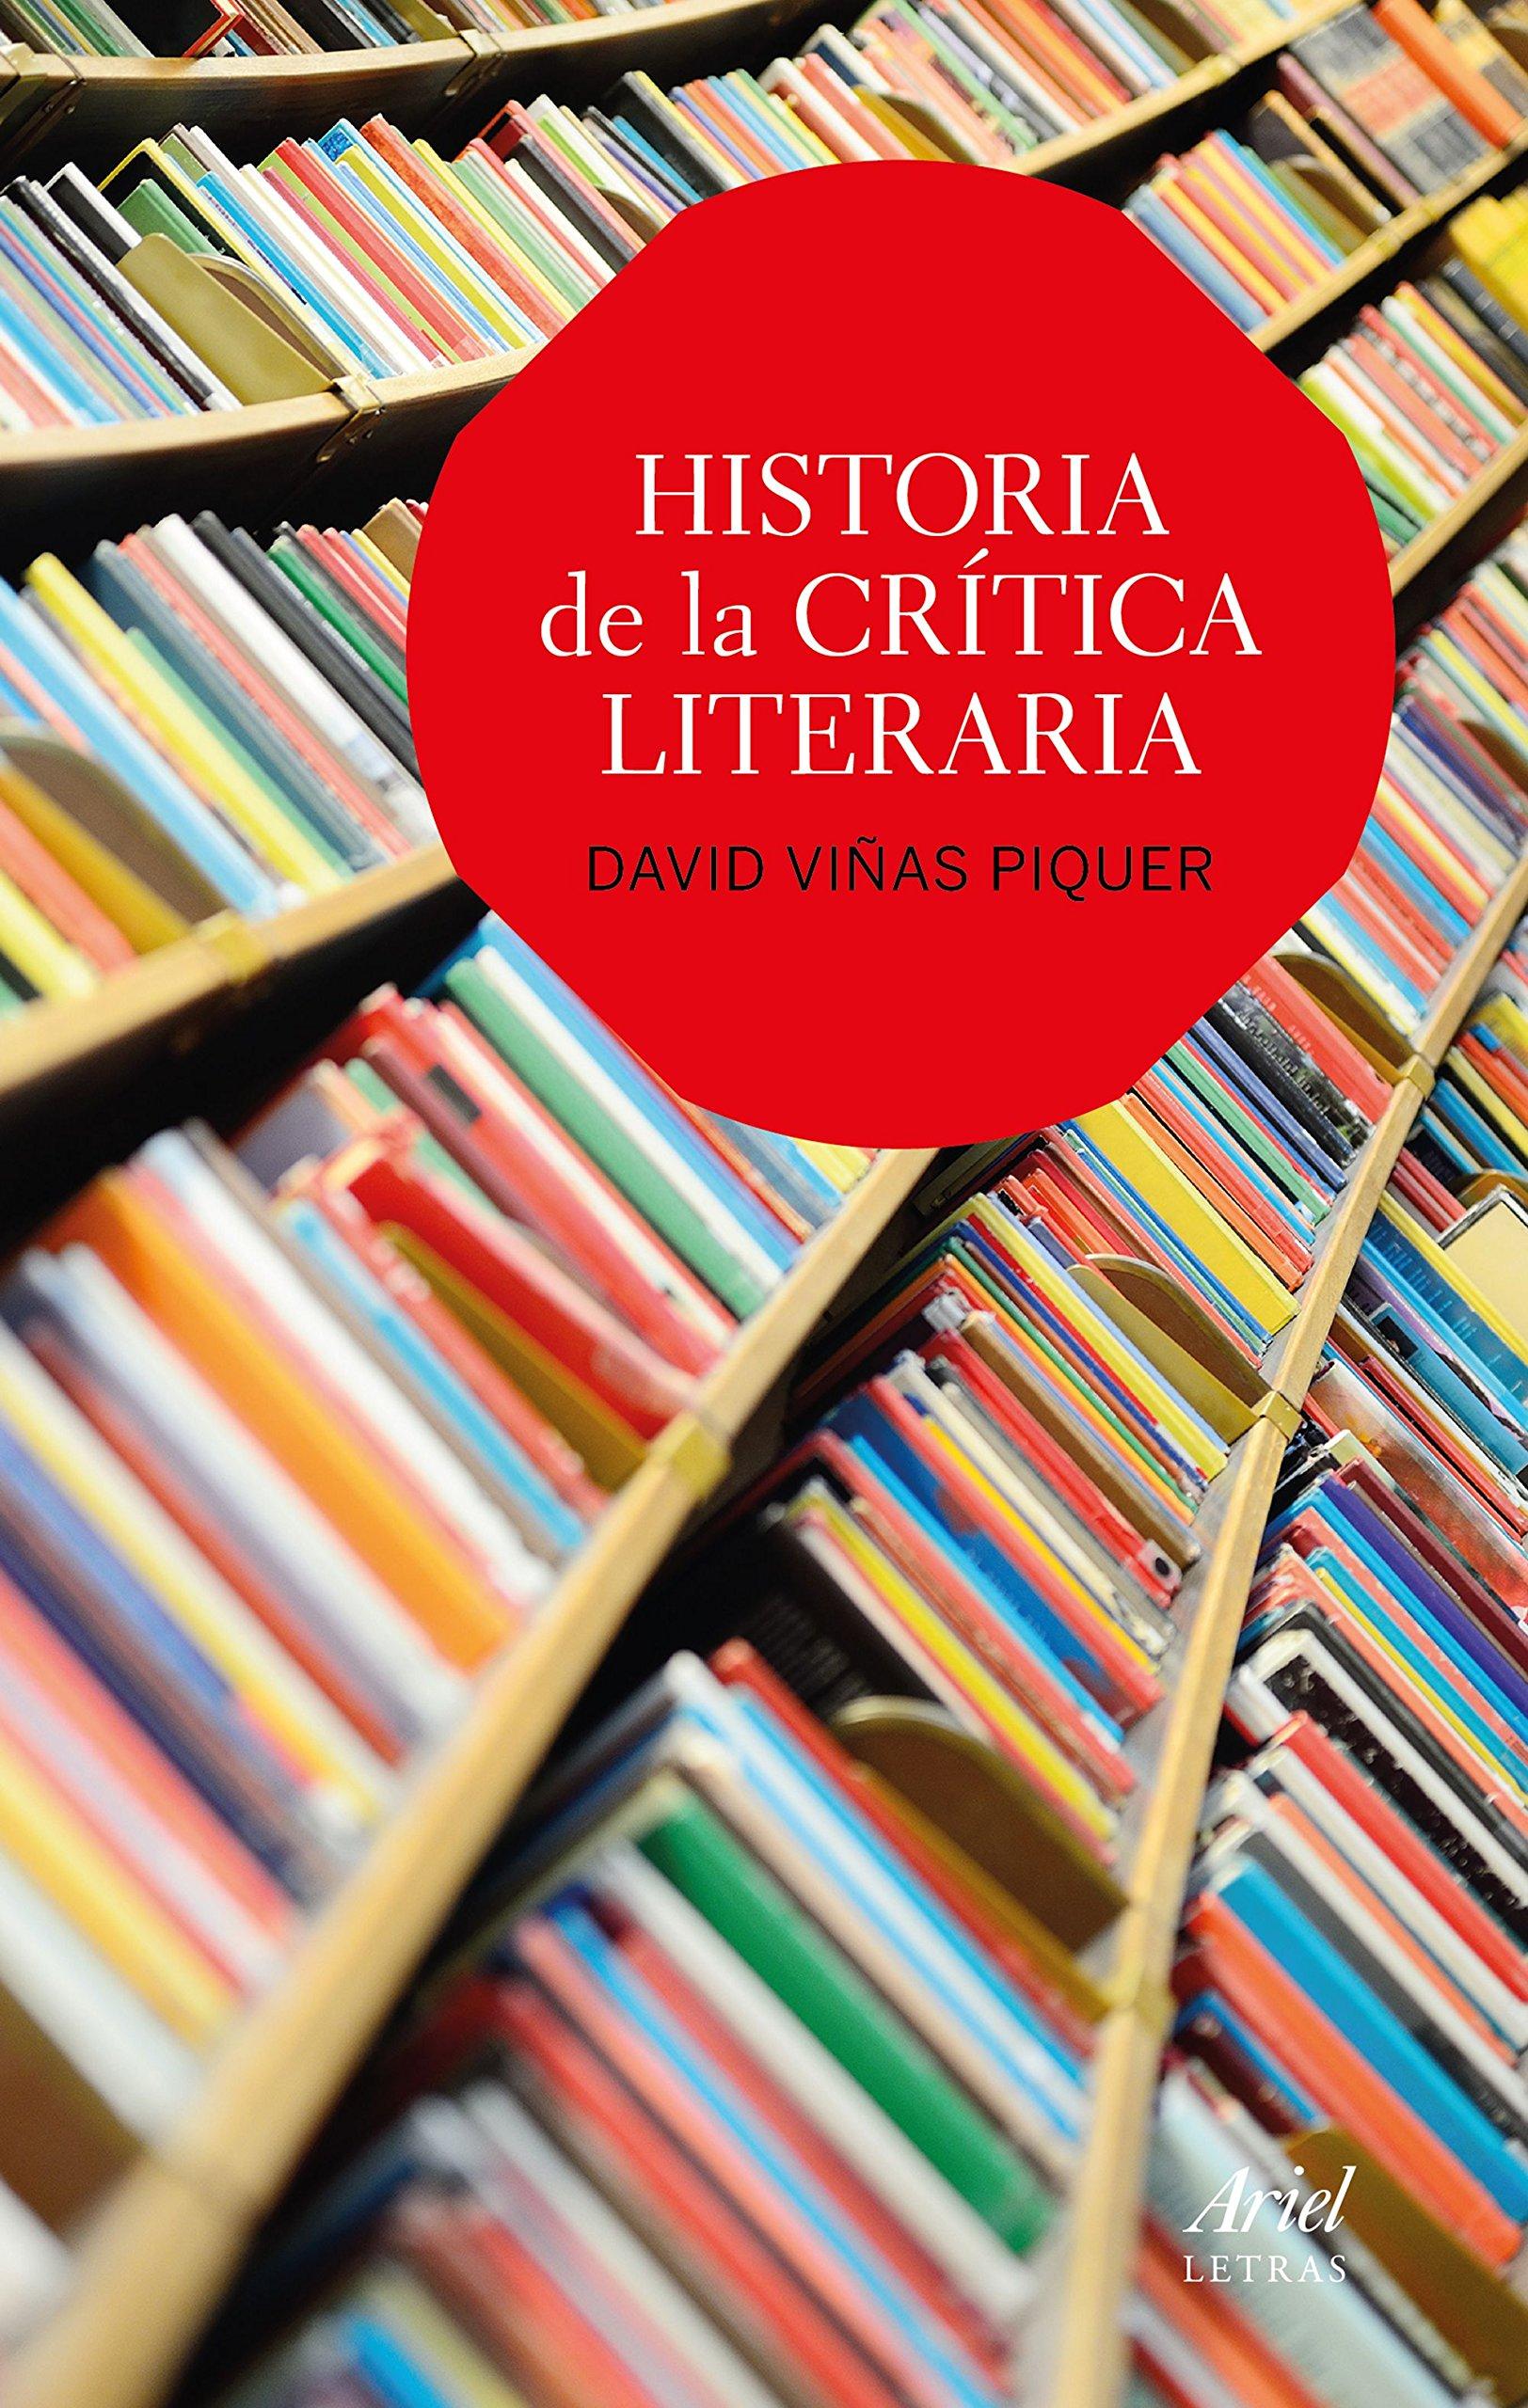 Historia de la crítica literaria (Ariel Letras): Amazon.es: Viñas Piquer, David: Libros